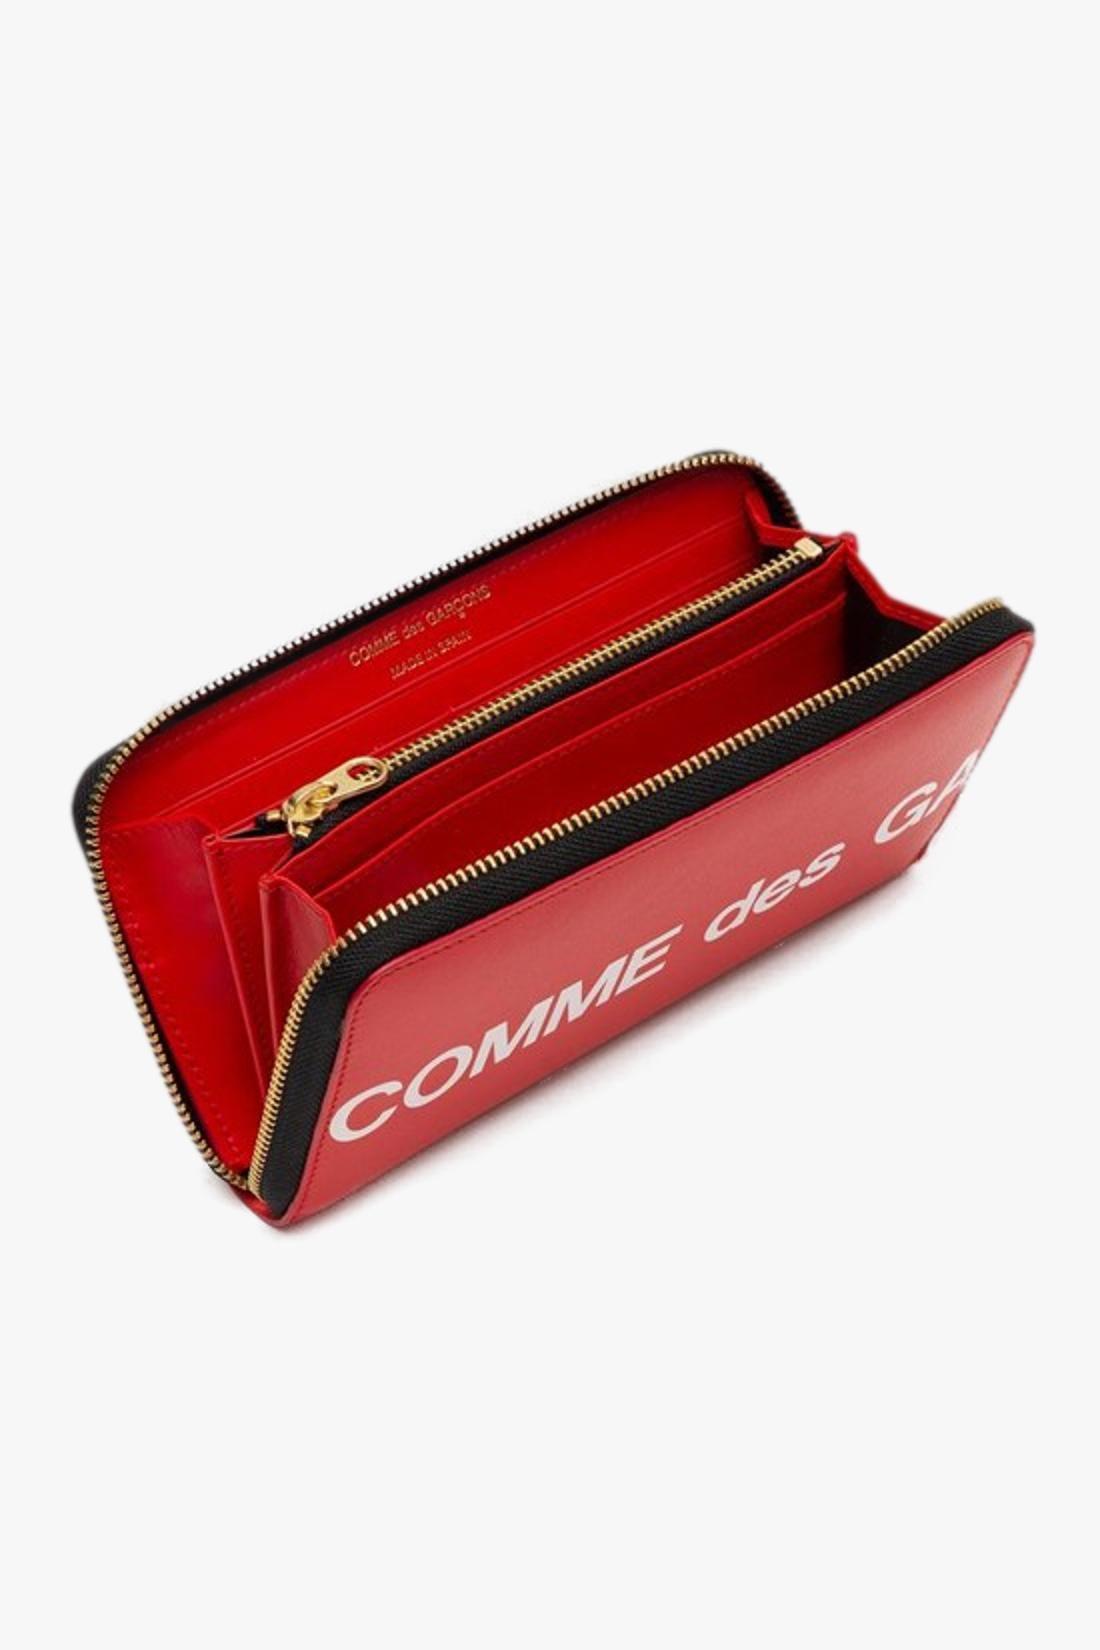 COMME DES GARÇONS WALLETS / Cdg huge logo wallet sa0111hl Red